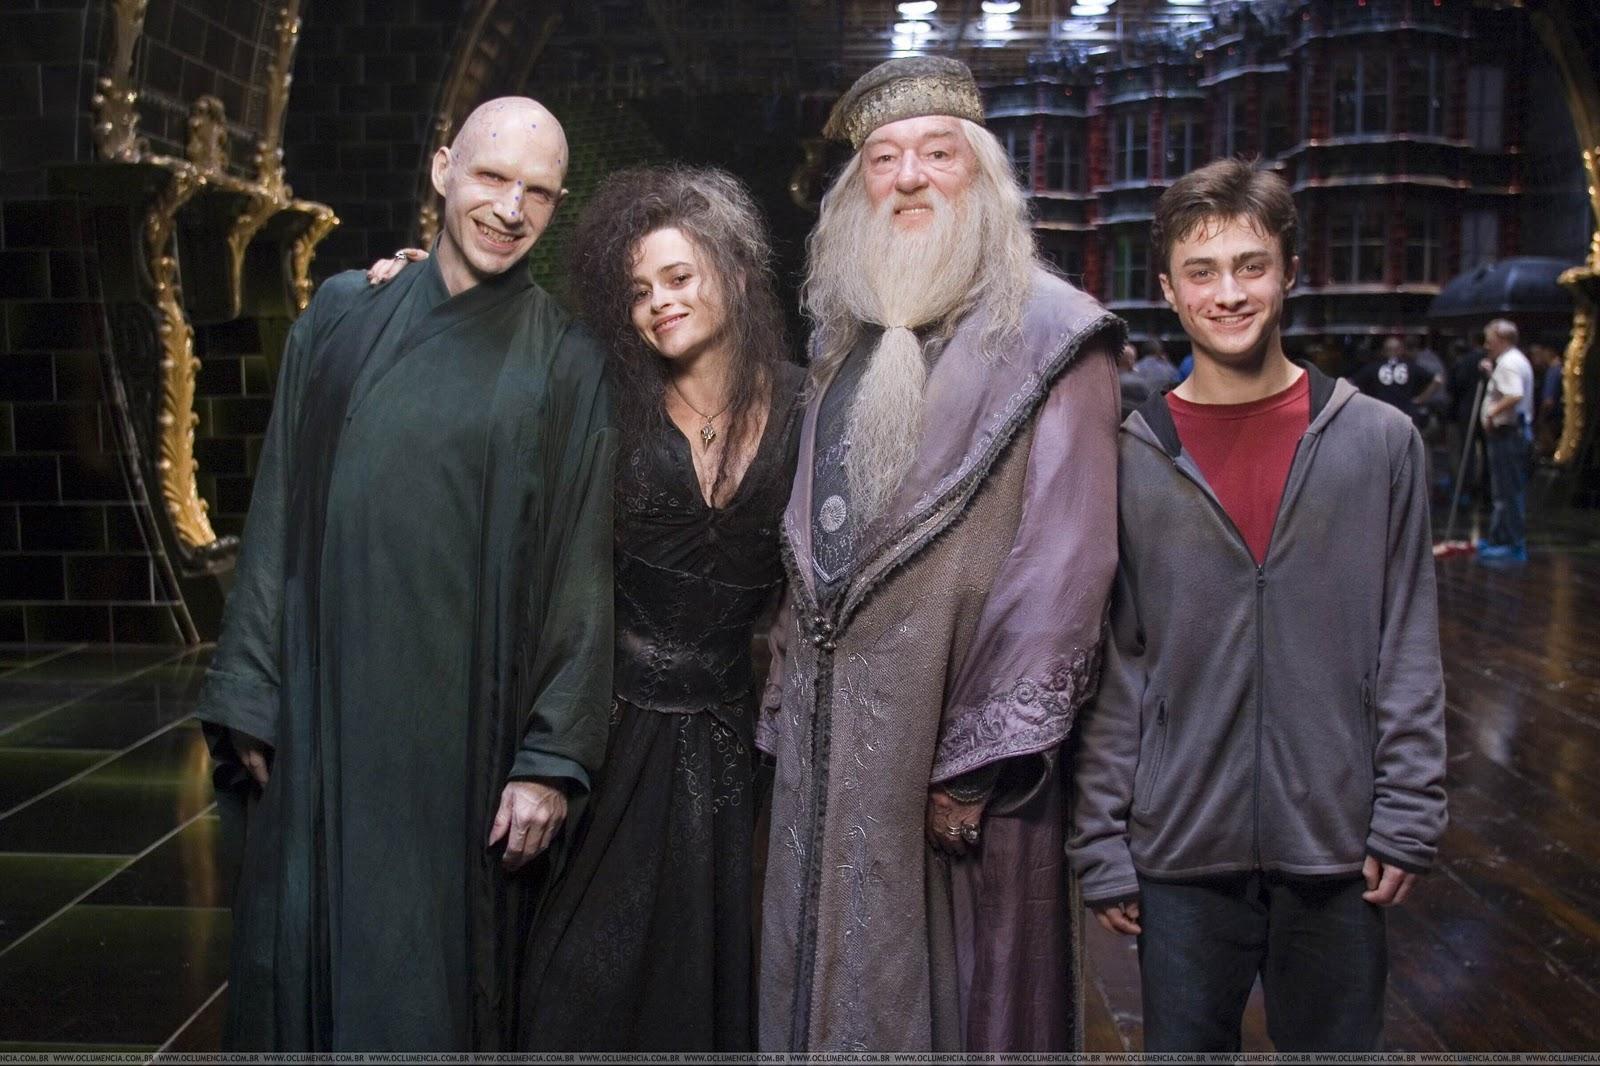 Kumpulan Gambar Sketsa Wajah Harry Potter Sketsa Gambar